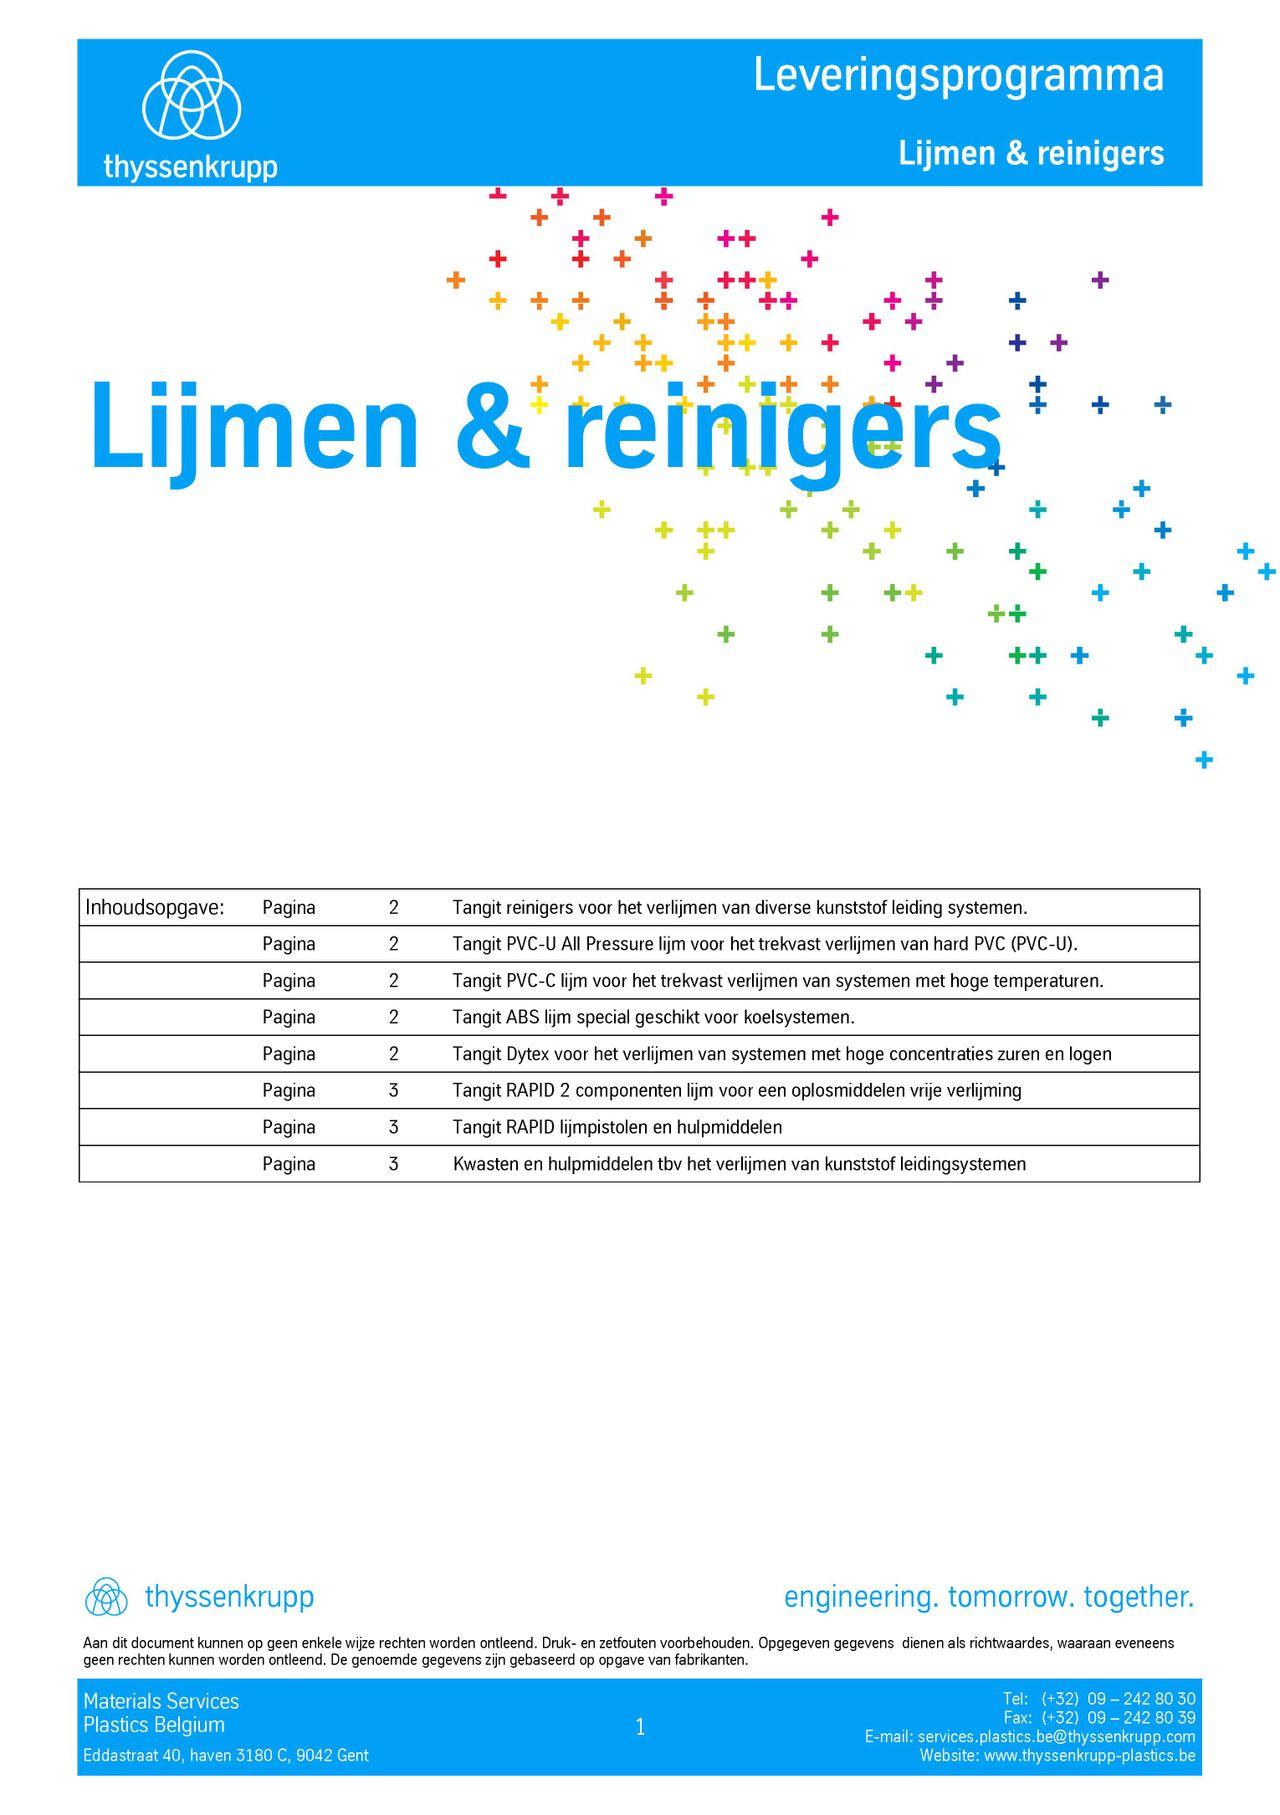 Afbeelding cover lijmen en reinigers leveringsprogramma